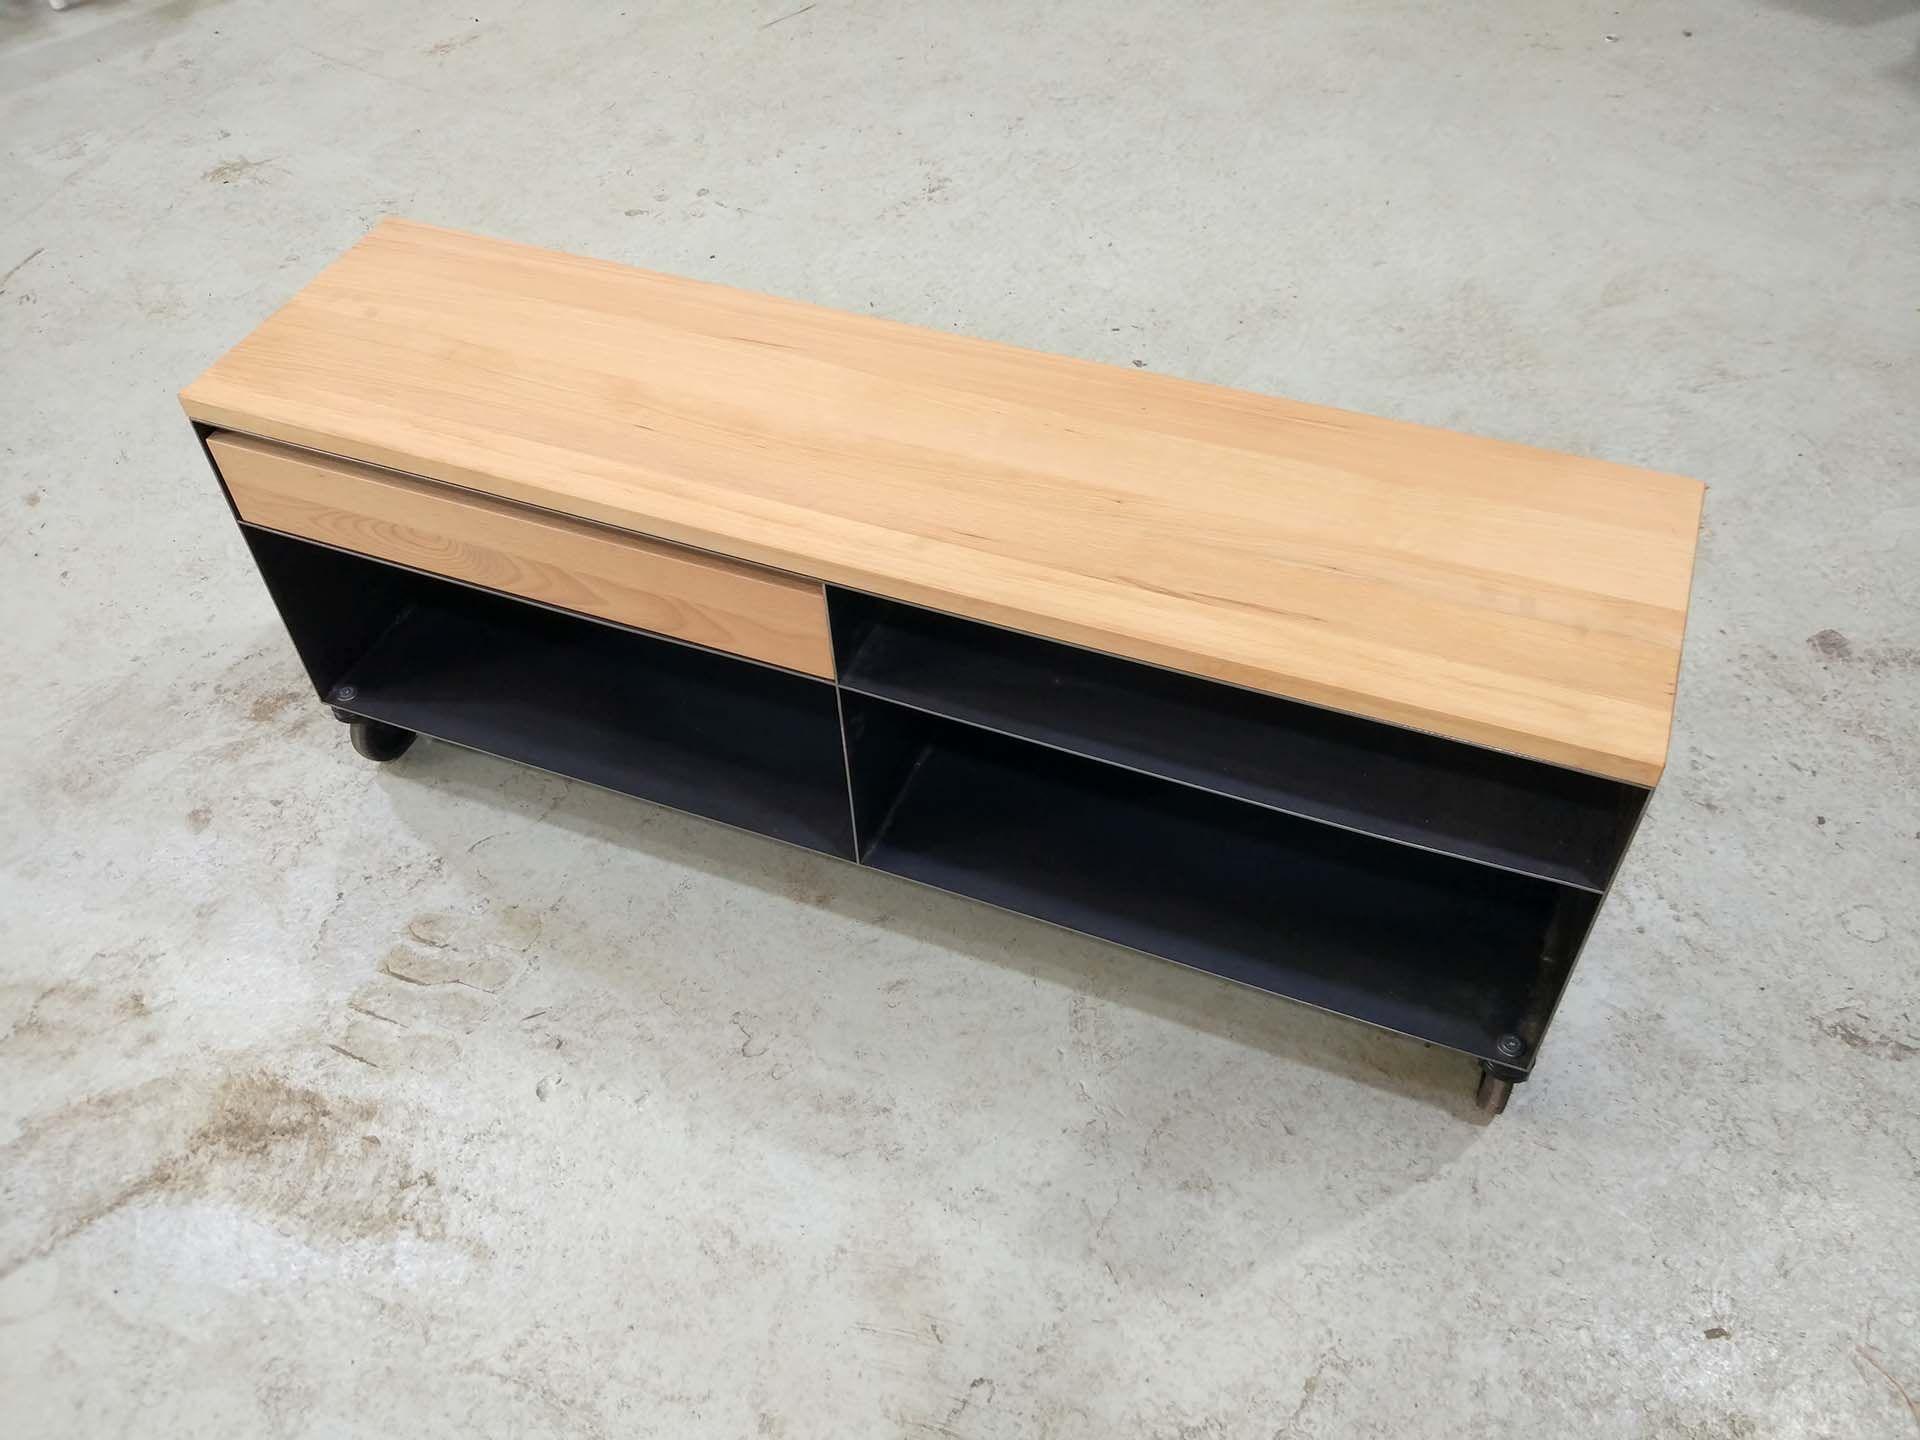 Stahlzart Lowboard Holz Metall Modern Schwarz Weiss Grau Online Kaufen Schubladen Design Lowboard Eiche Lowboard